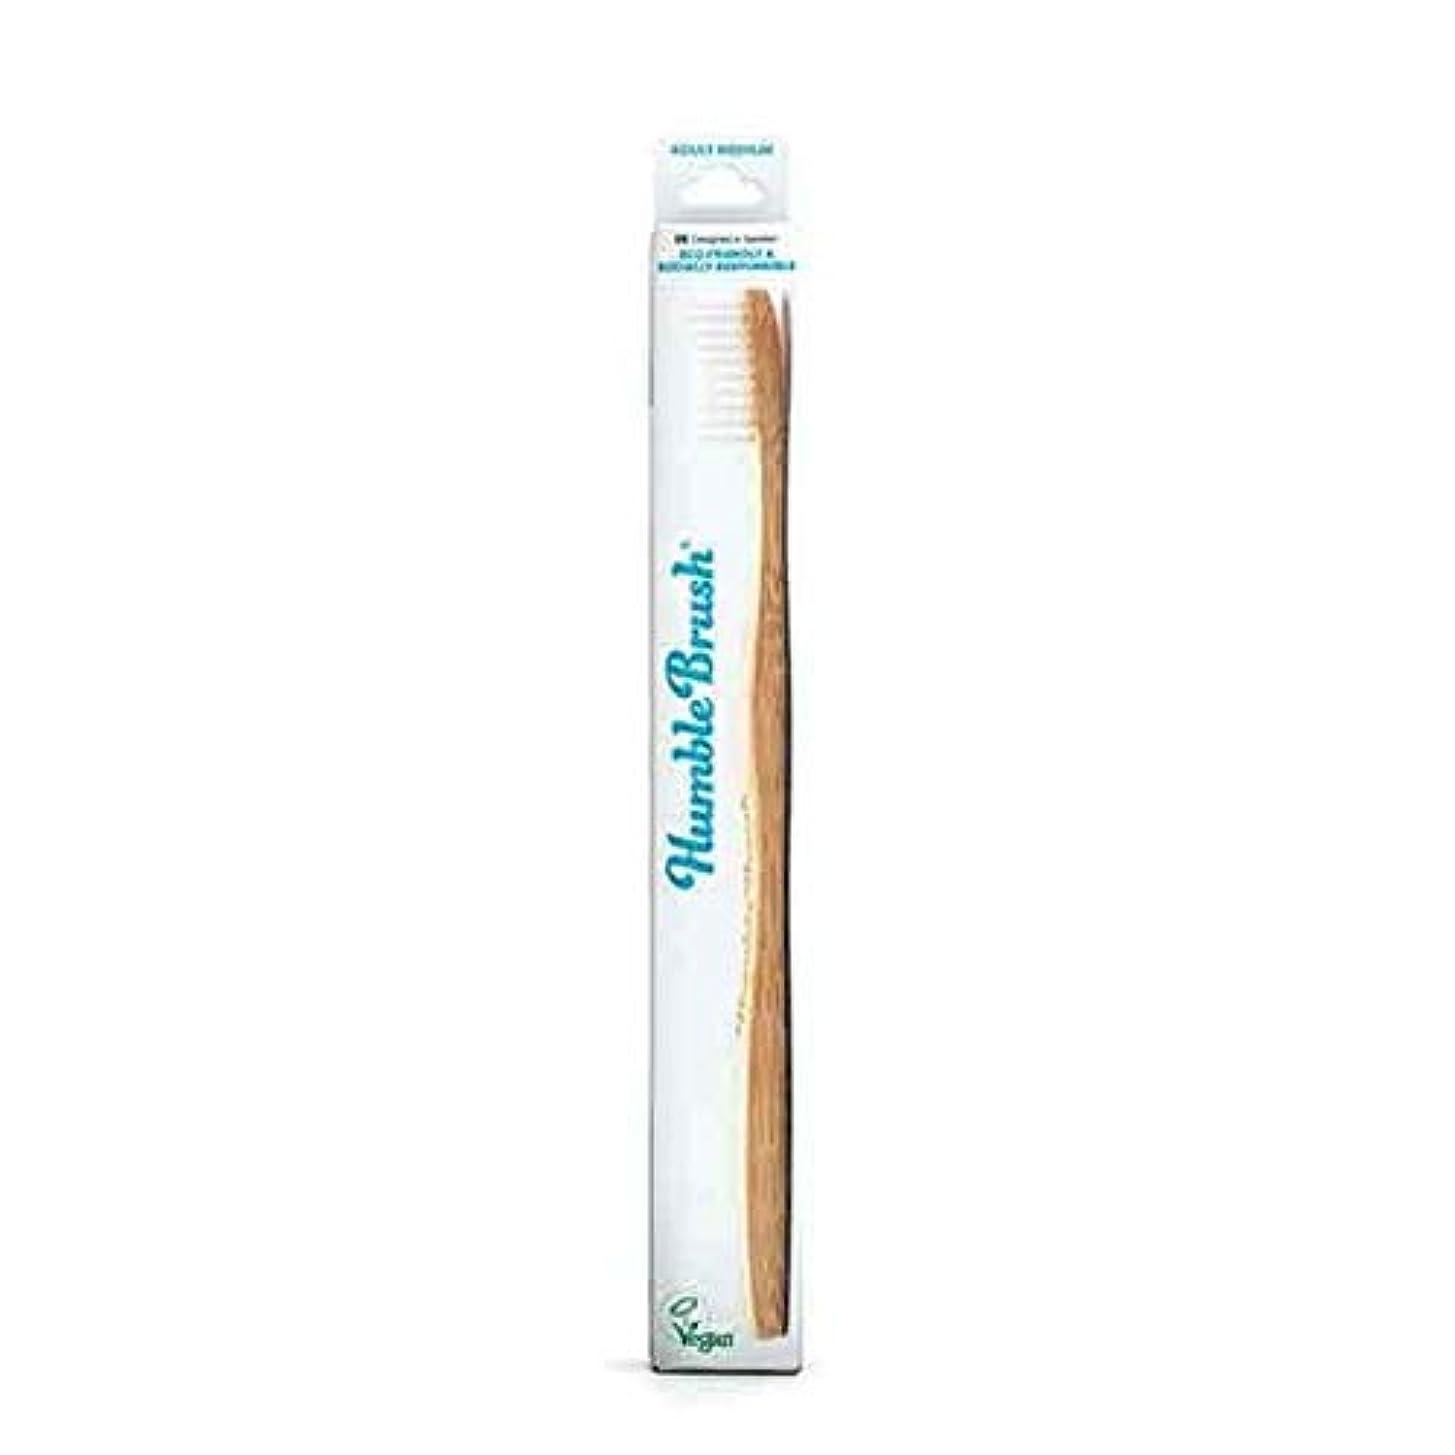 トランジスタ継続中でも[The Humble Co ] 謙虚なブラシ大人竹の歯ブラシ白 - Humble Brush Adults Bamboo Toothbrush White [並行輸入品]